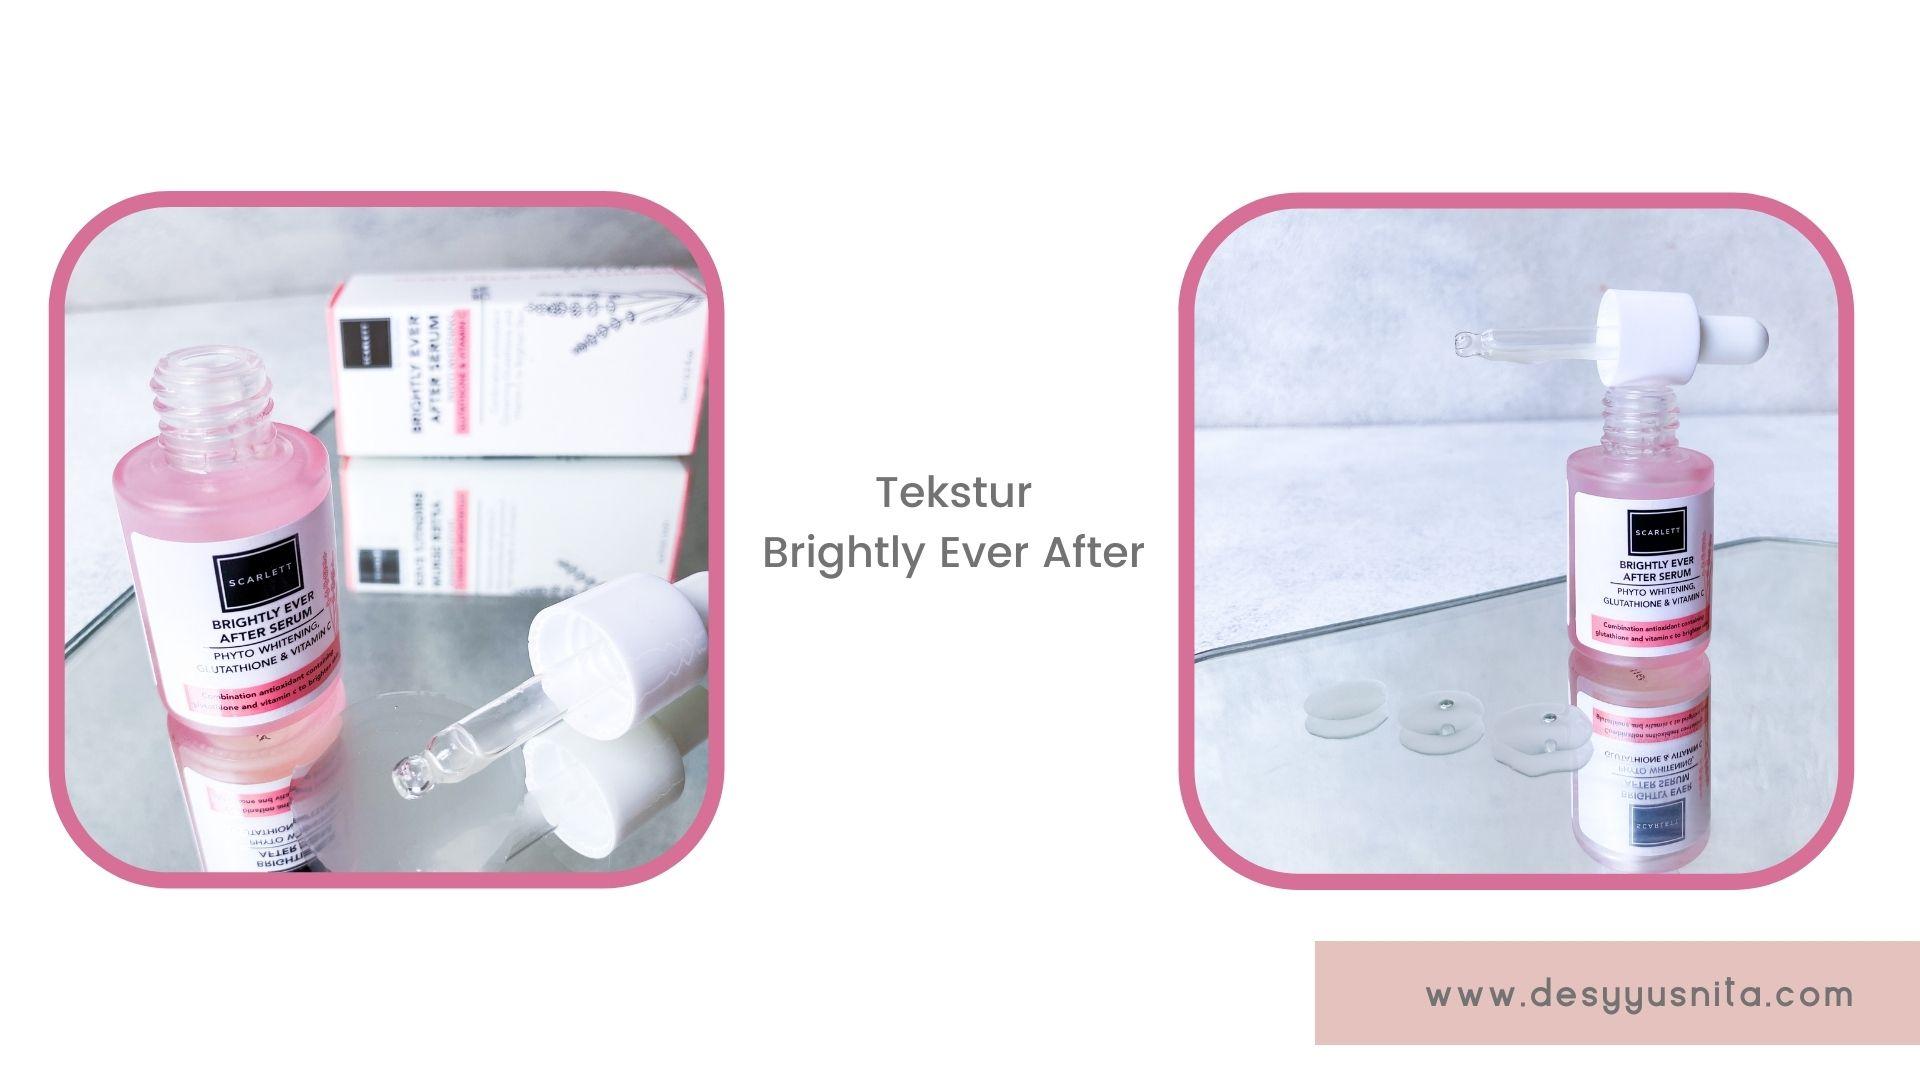 Tekstur Brightly Ever After,